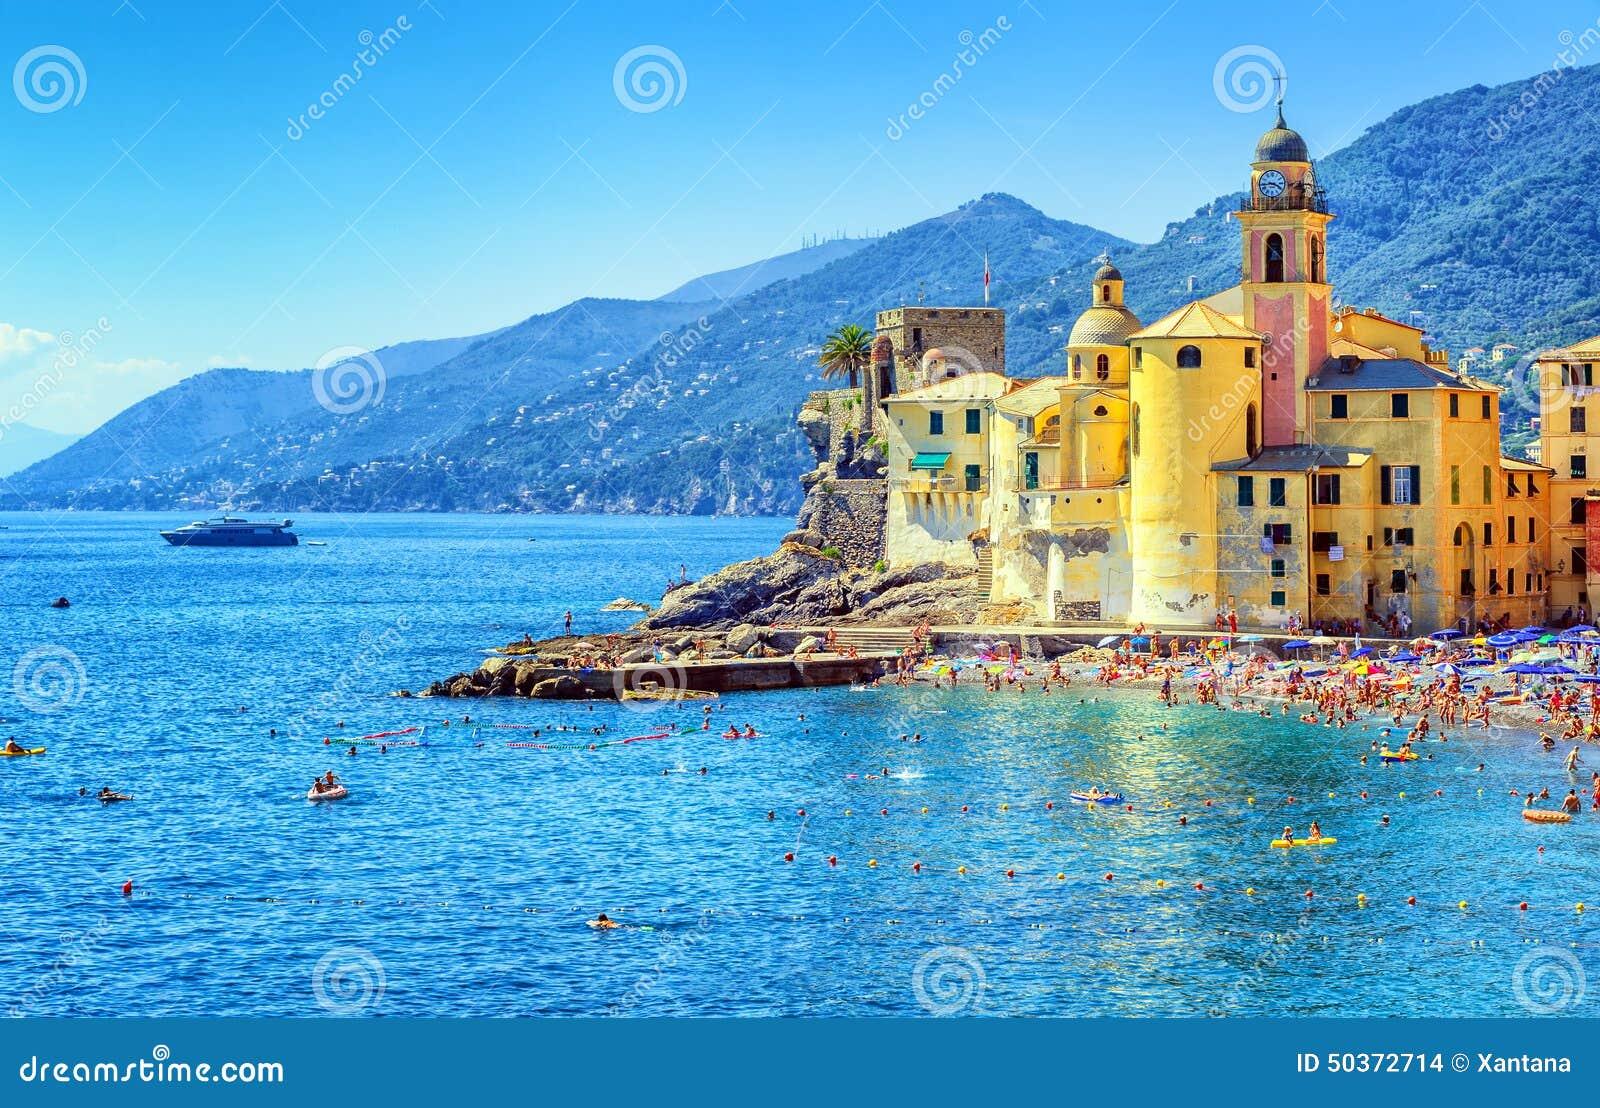 Camogli Near Genova, Italy Stock Photo - Image: 50372714